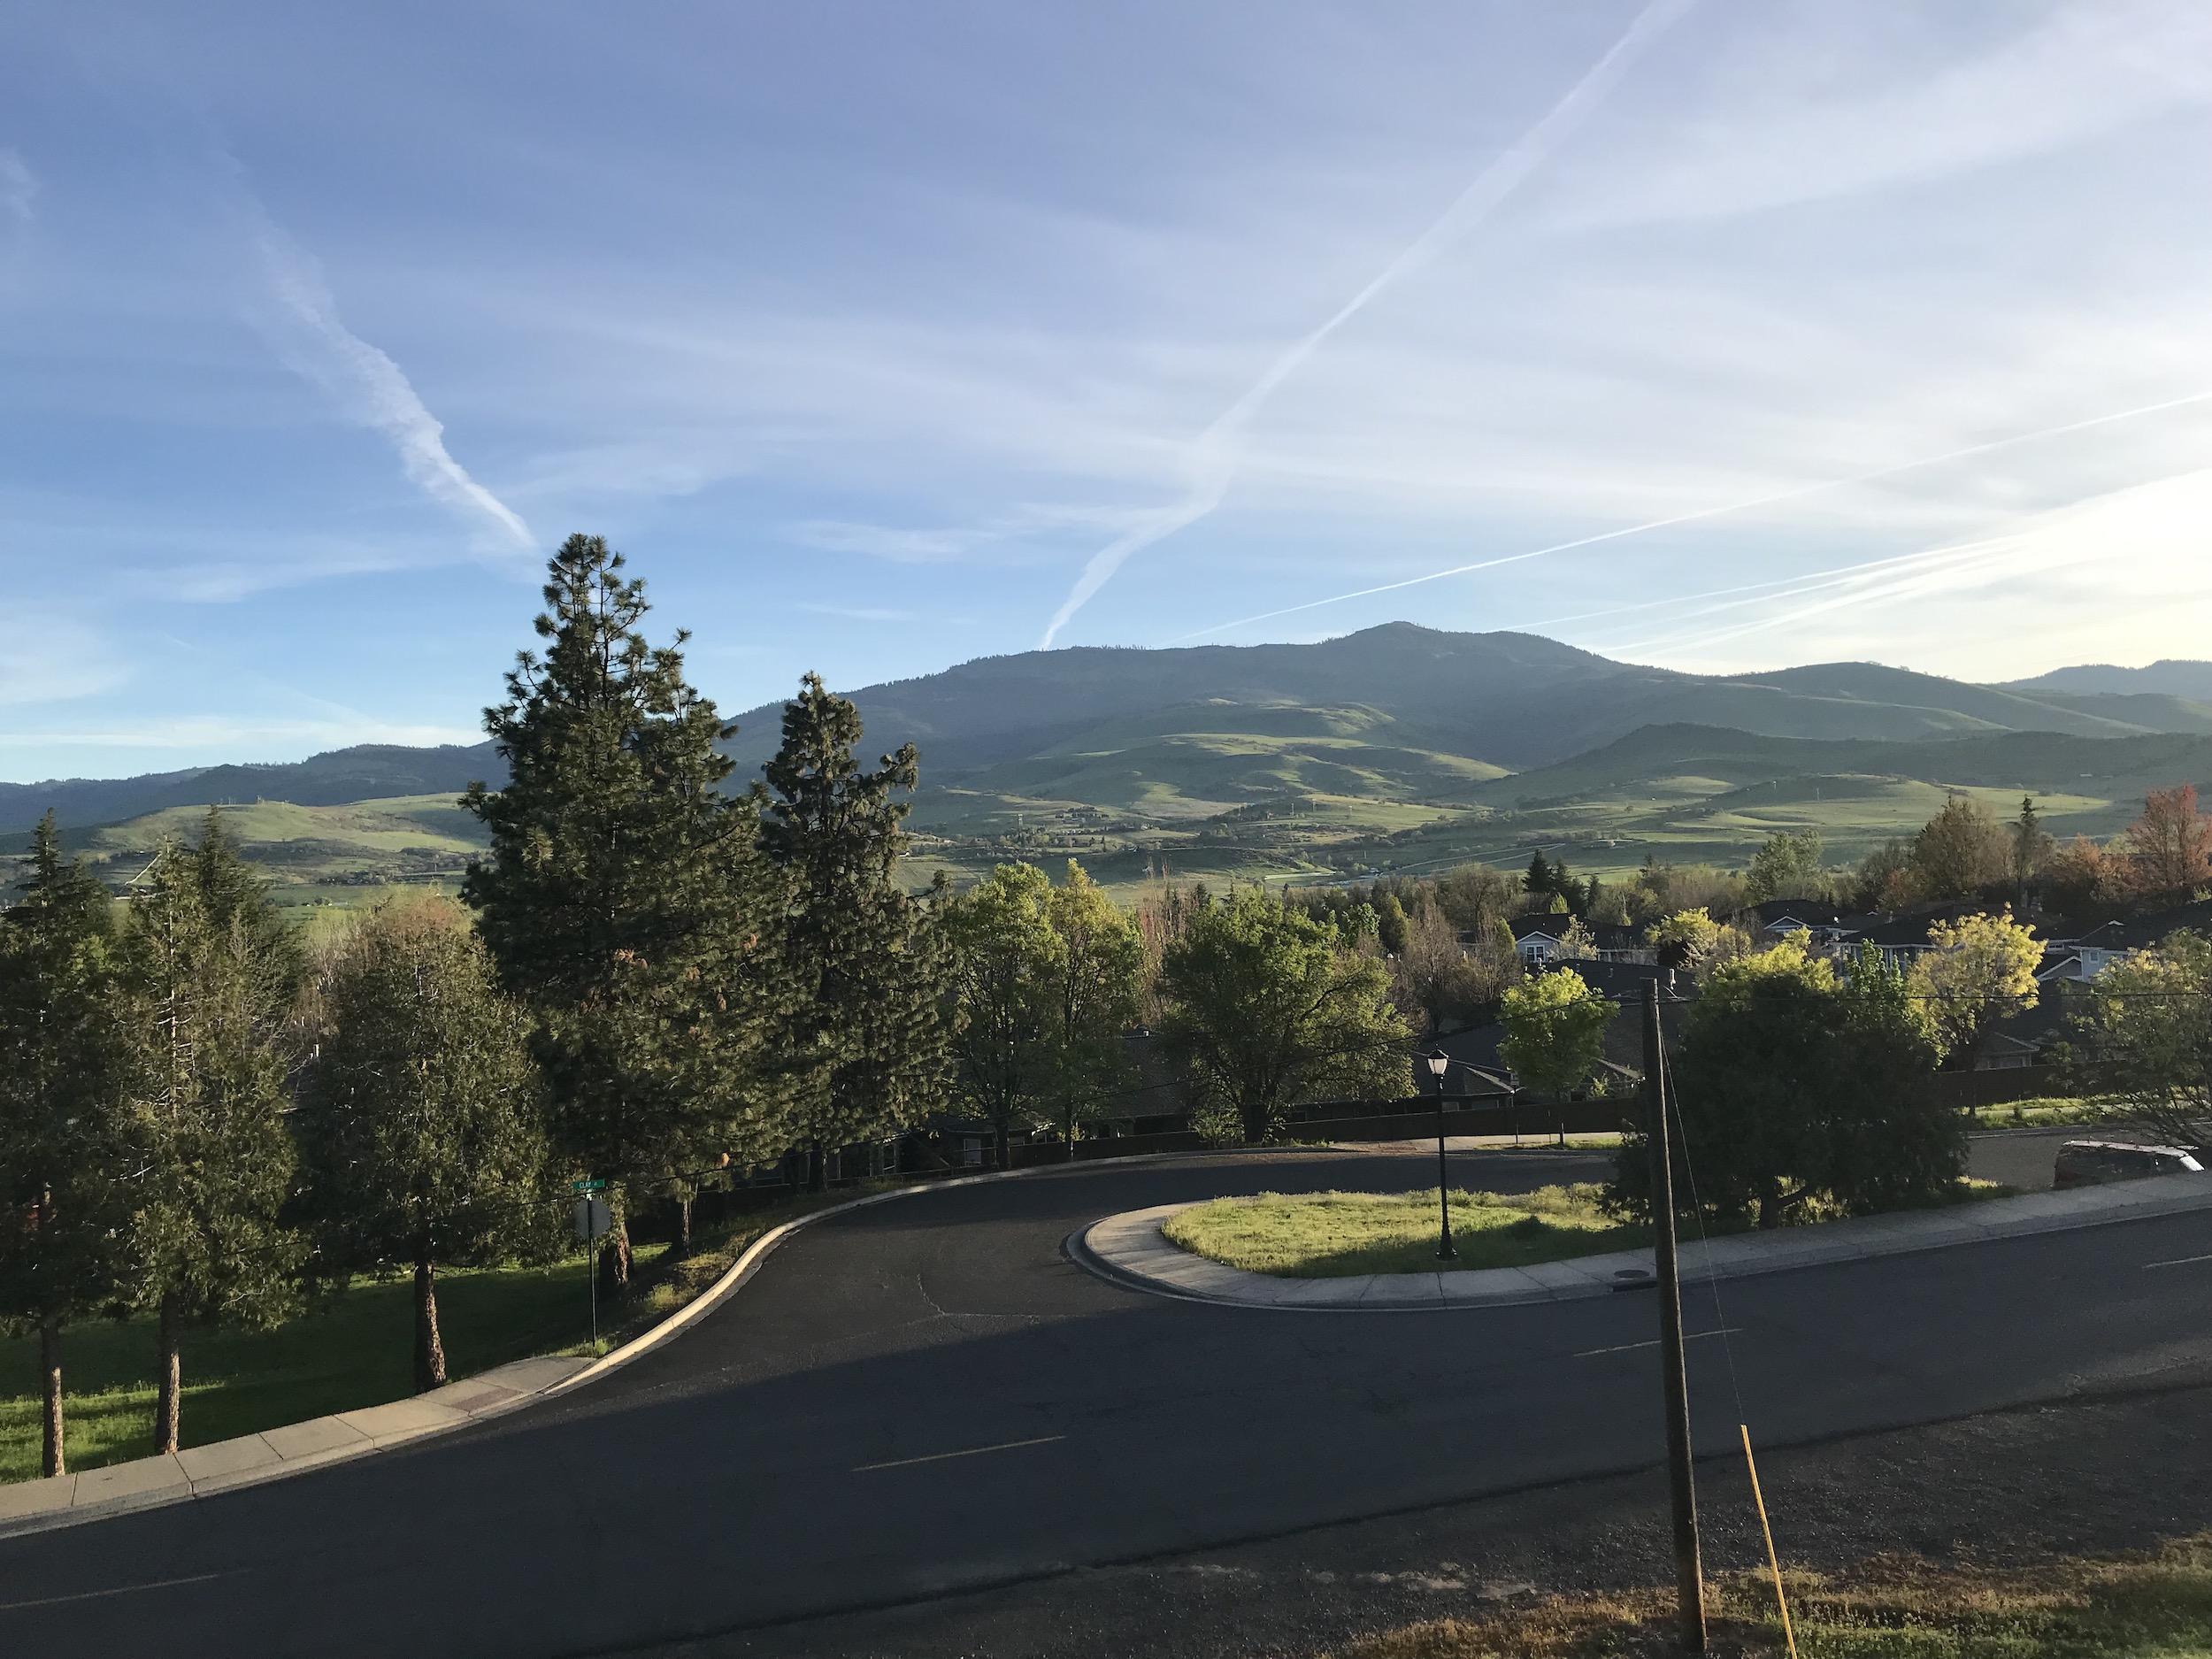 Views of Ashland's Mountains